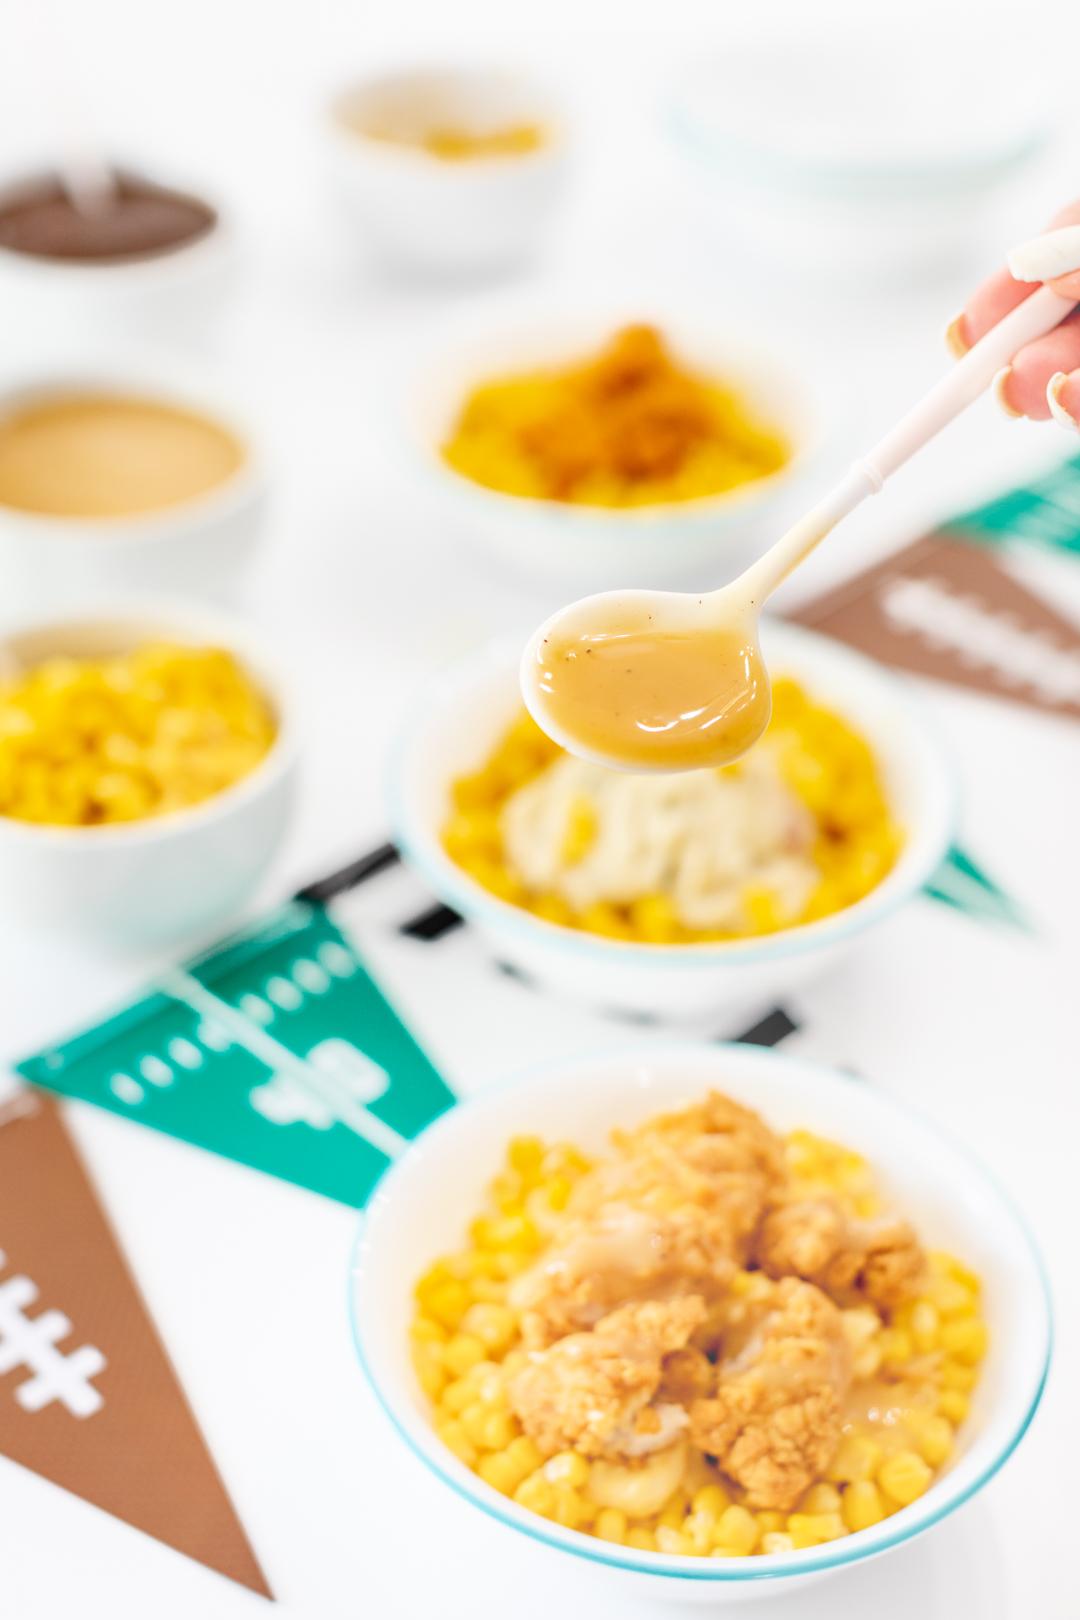 chicken bowls made with tyson crispy chicken